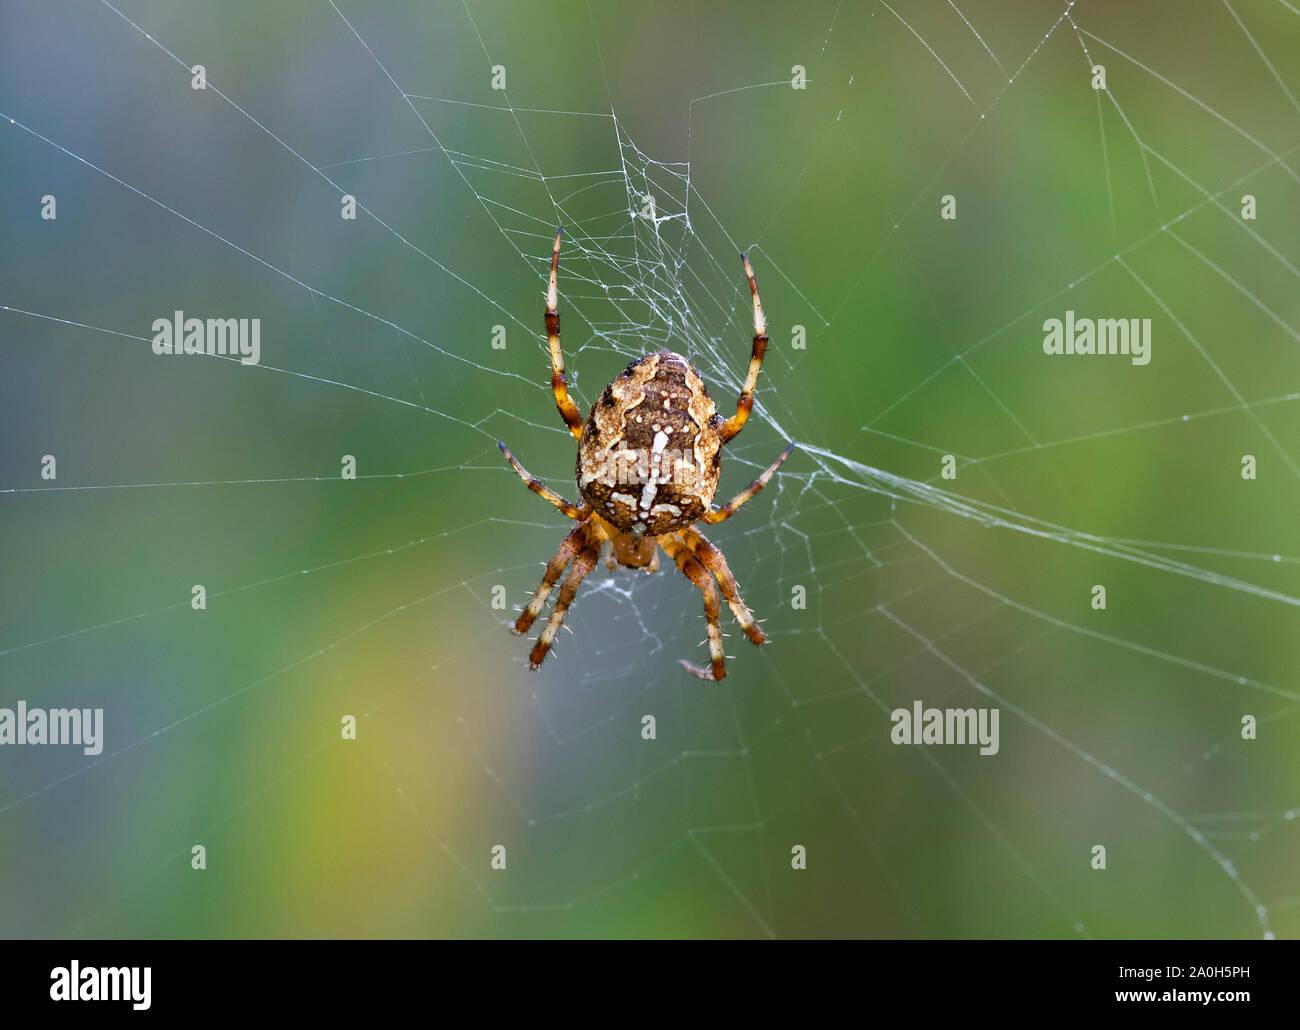 Jardín de colores brillantes Cruz (Araneus diadematus araña) a la espera de presas en el centro de su web Foto de stock